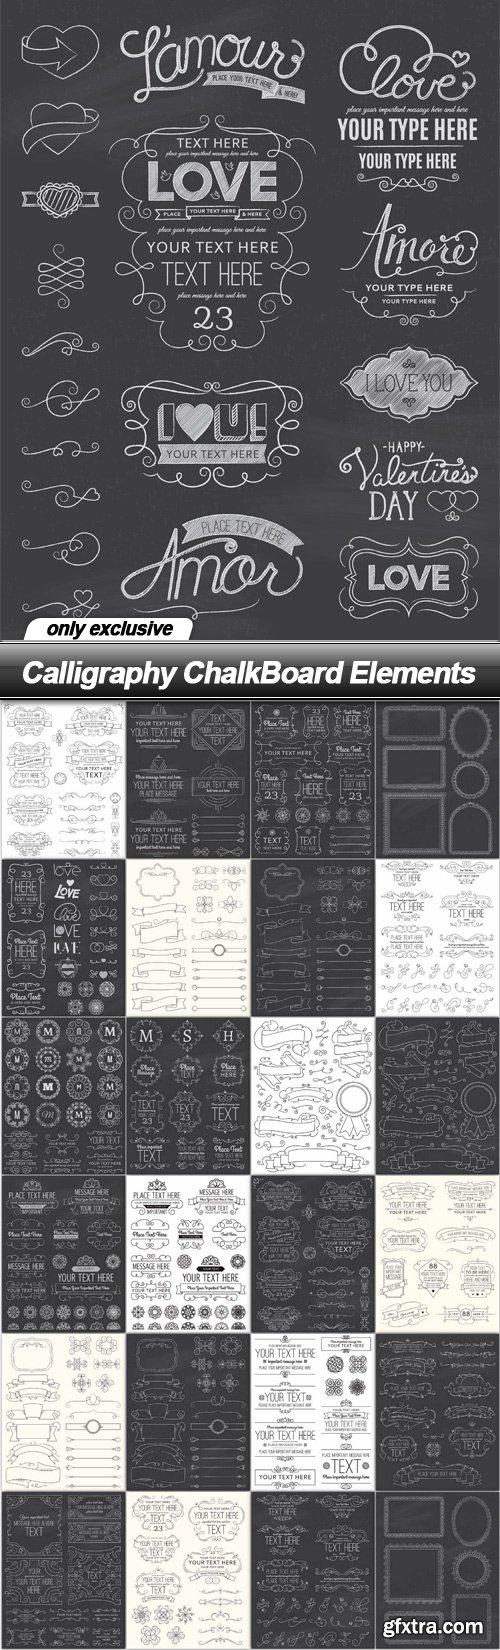 Calligraphy ChalkBoard Elements - 25 EPS